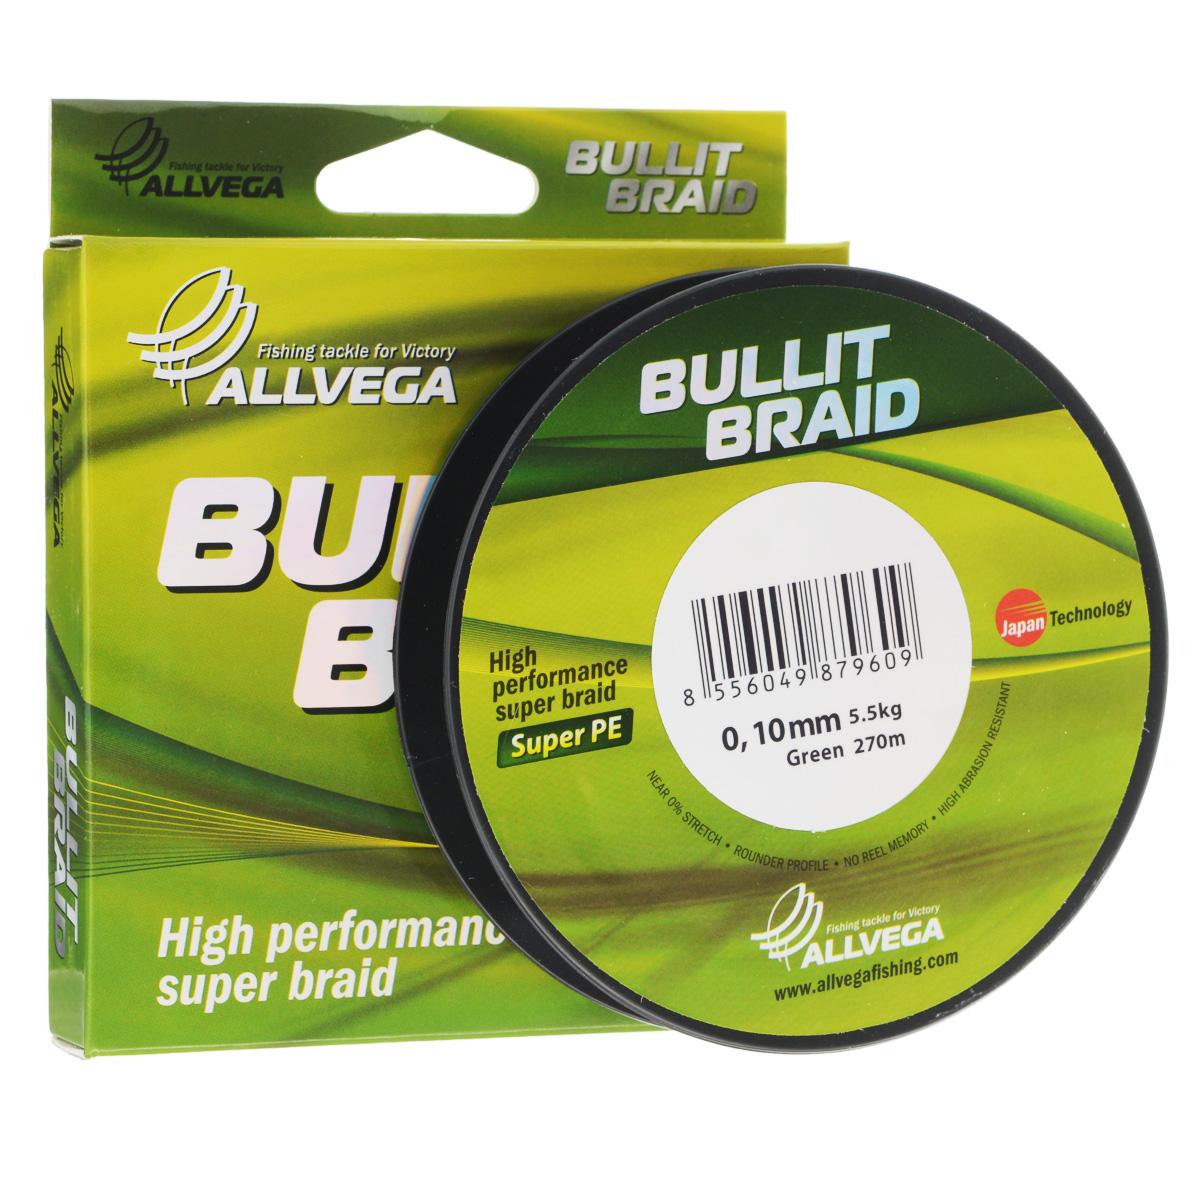 Леска плетеная Allvega Bullit Braid, цвет: темно-зеленый, 270 м, 0,10 мм, 5,5 кг39933Леска Allvega Bullit Braid с гладкой поверхностью и одинаковым сечением по всей длине обладает высокой износостойкостью. Благодаря микроволокнам полиэтилена (Super PE) леска имеет очень плотное плетение и не впитывает воду. Леску Allvega Bullit Braid можно применять в любых типах водоемов. Особенности:повышенная износостойкость;высокая чувствительность - коэффициент растяжения близок к нулю;отсутствует память; идеально гладкая поверхность позволяет увеличить дальность забросов; высокая прочность шнура на узлах.